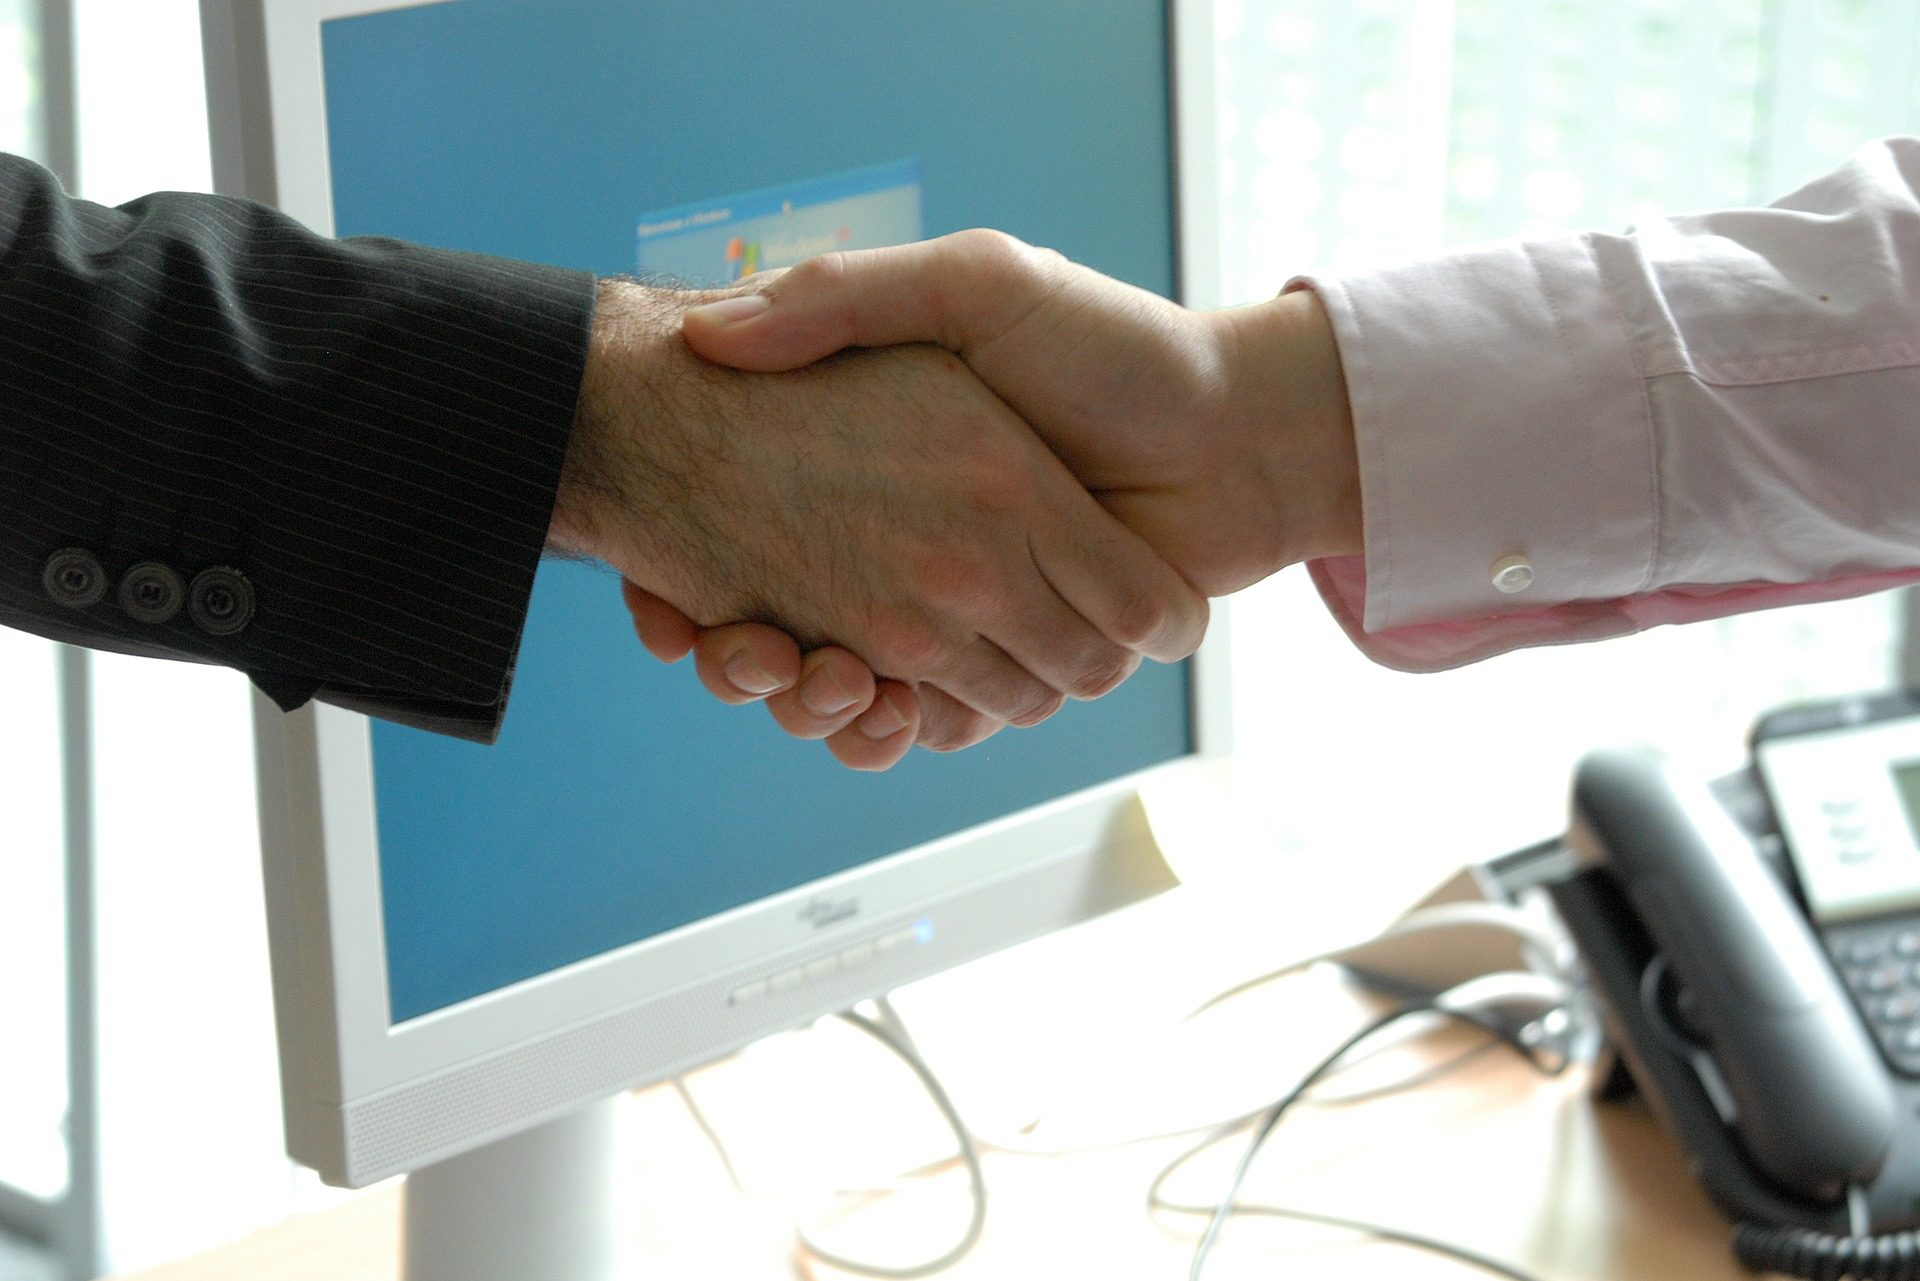 Verhaltensregeln im Consulting – die richtige persönliche Begrüßung